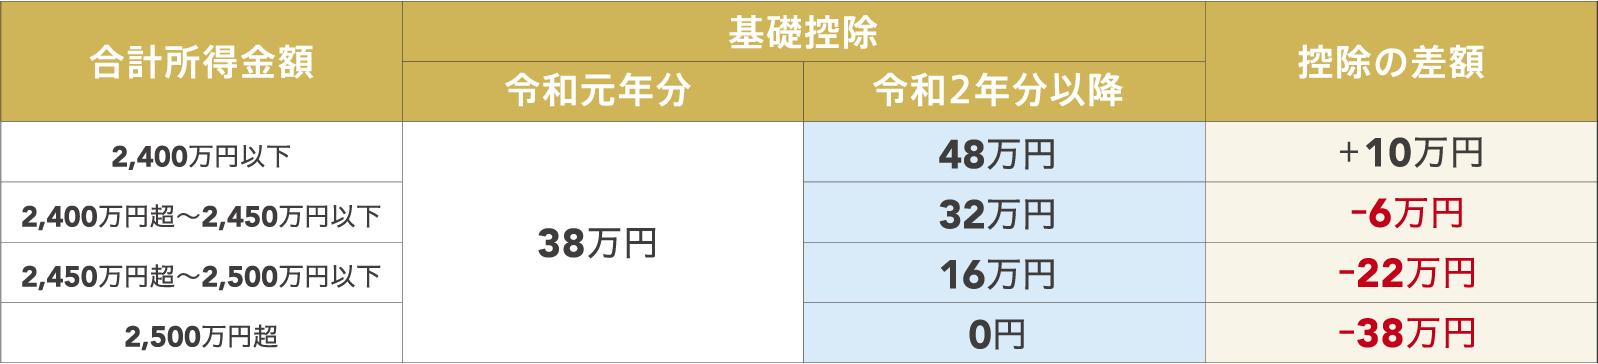 令和元年と令和2年以降の合計所得金額に対する基礎控除の差額